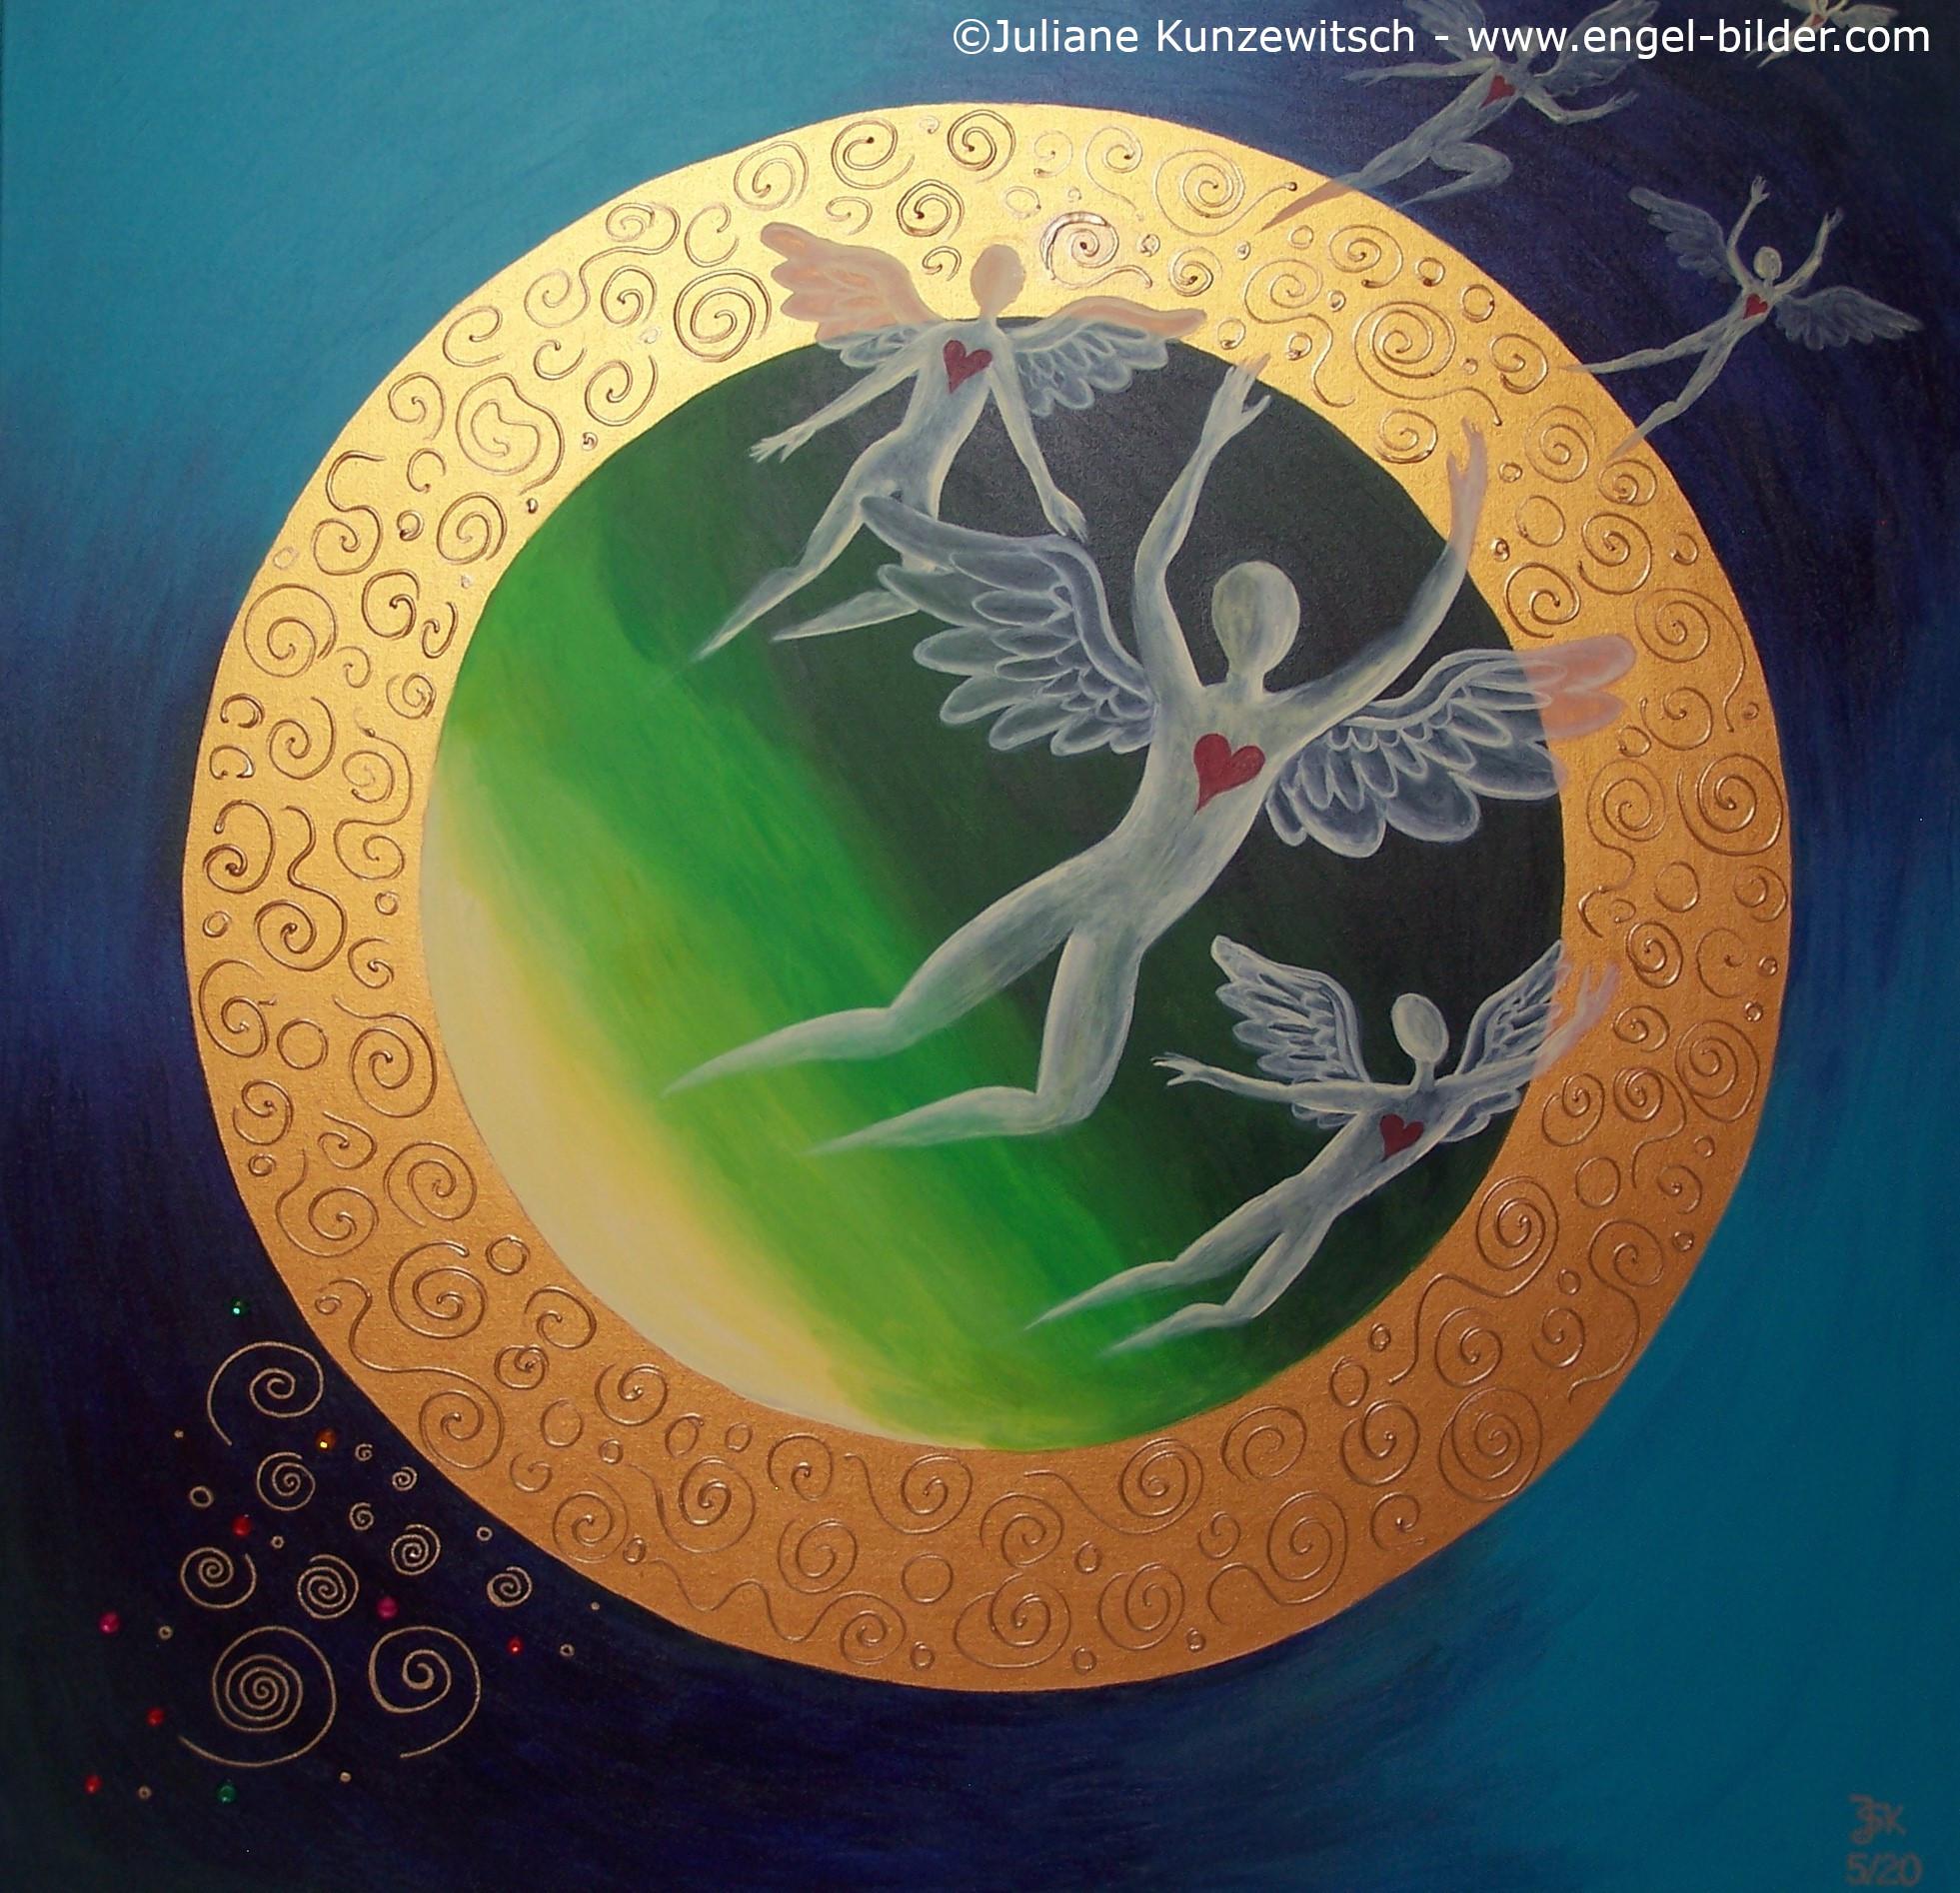 Engel der Schöpfung